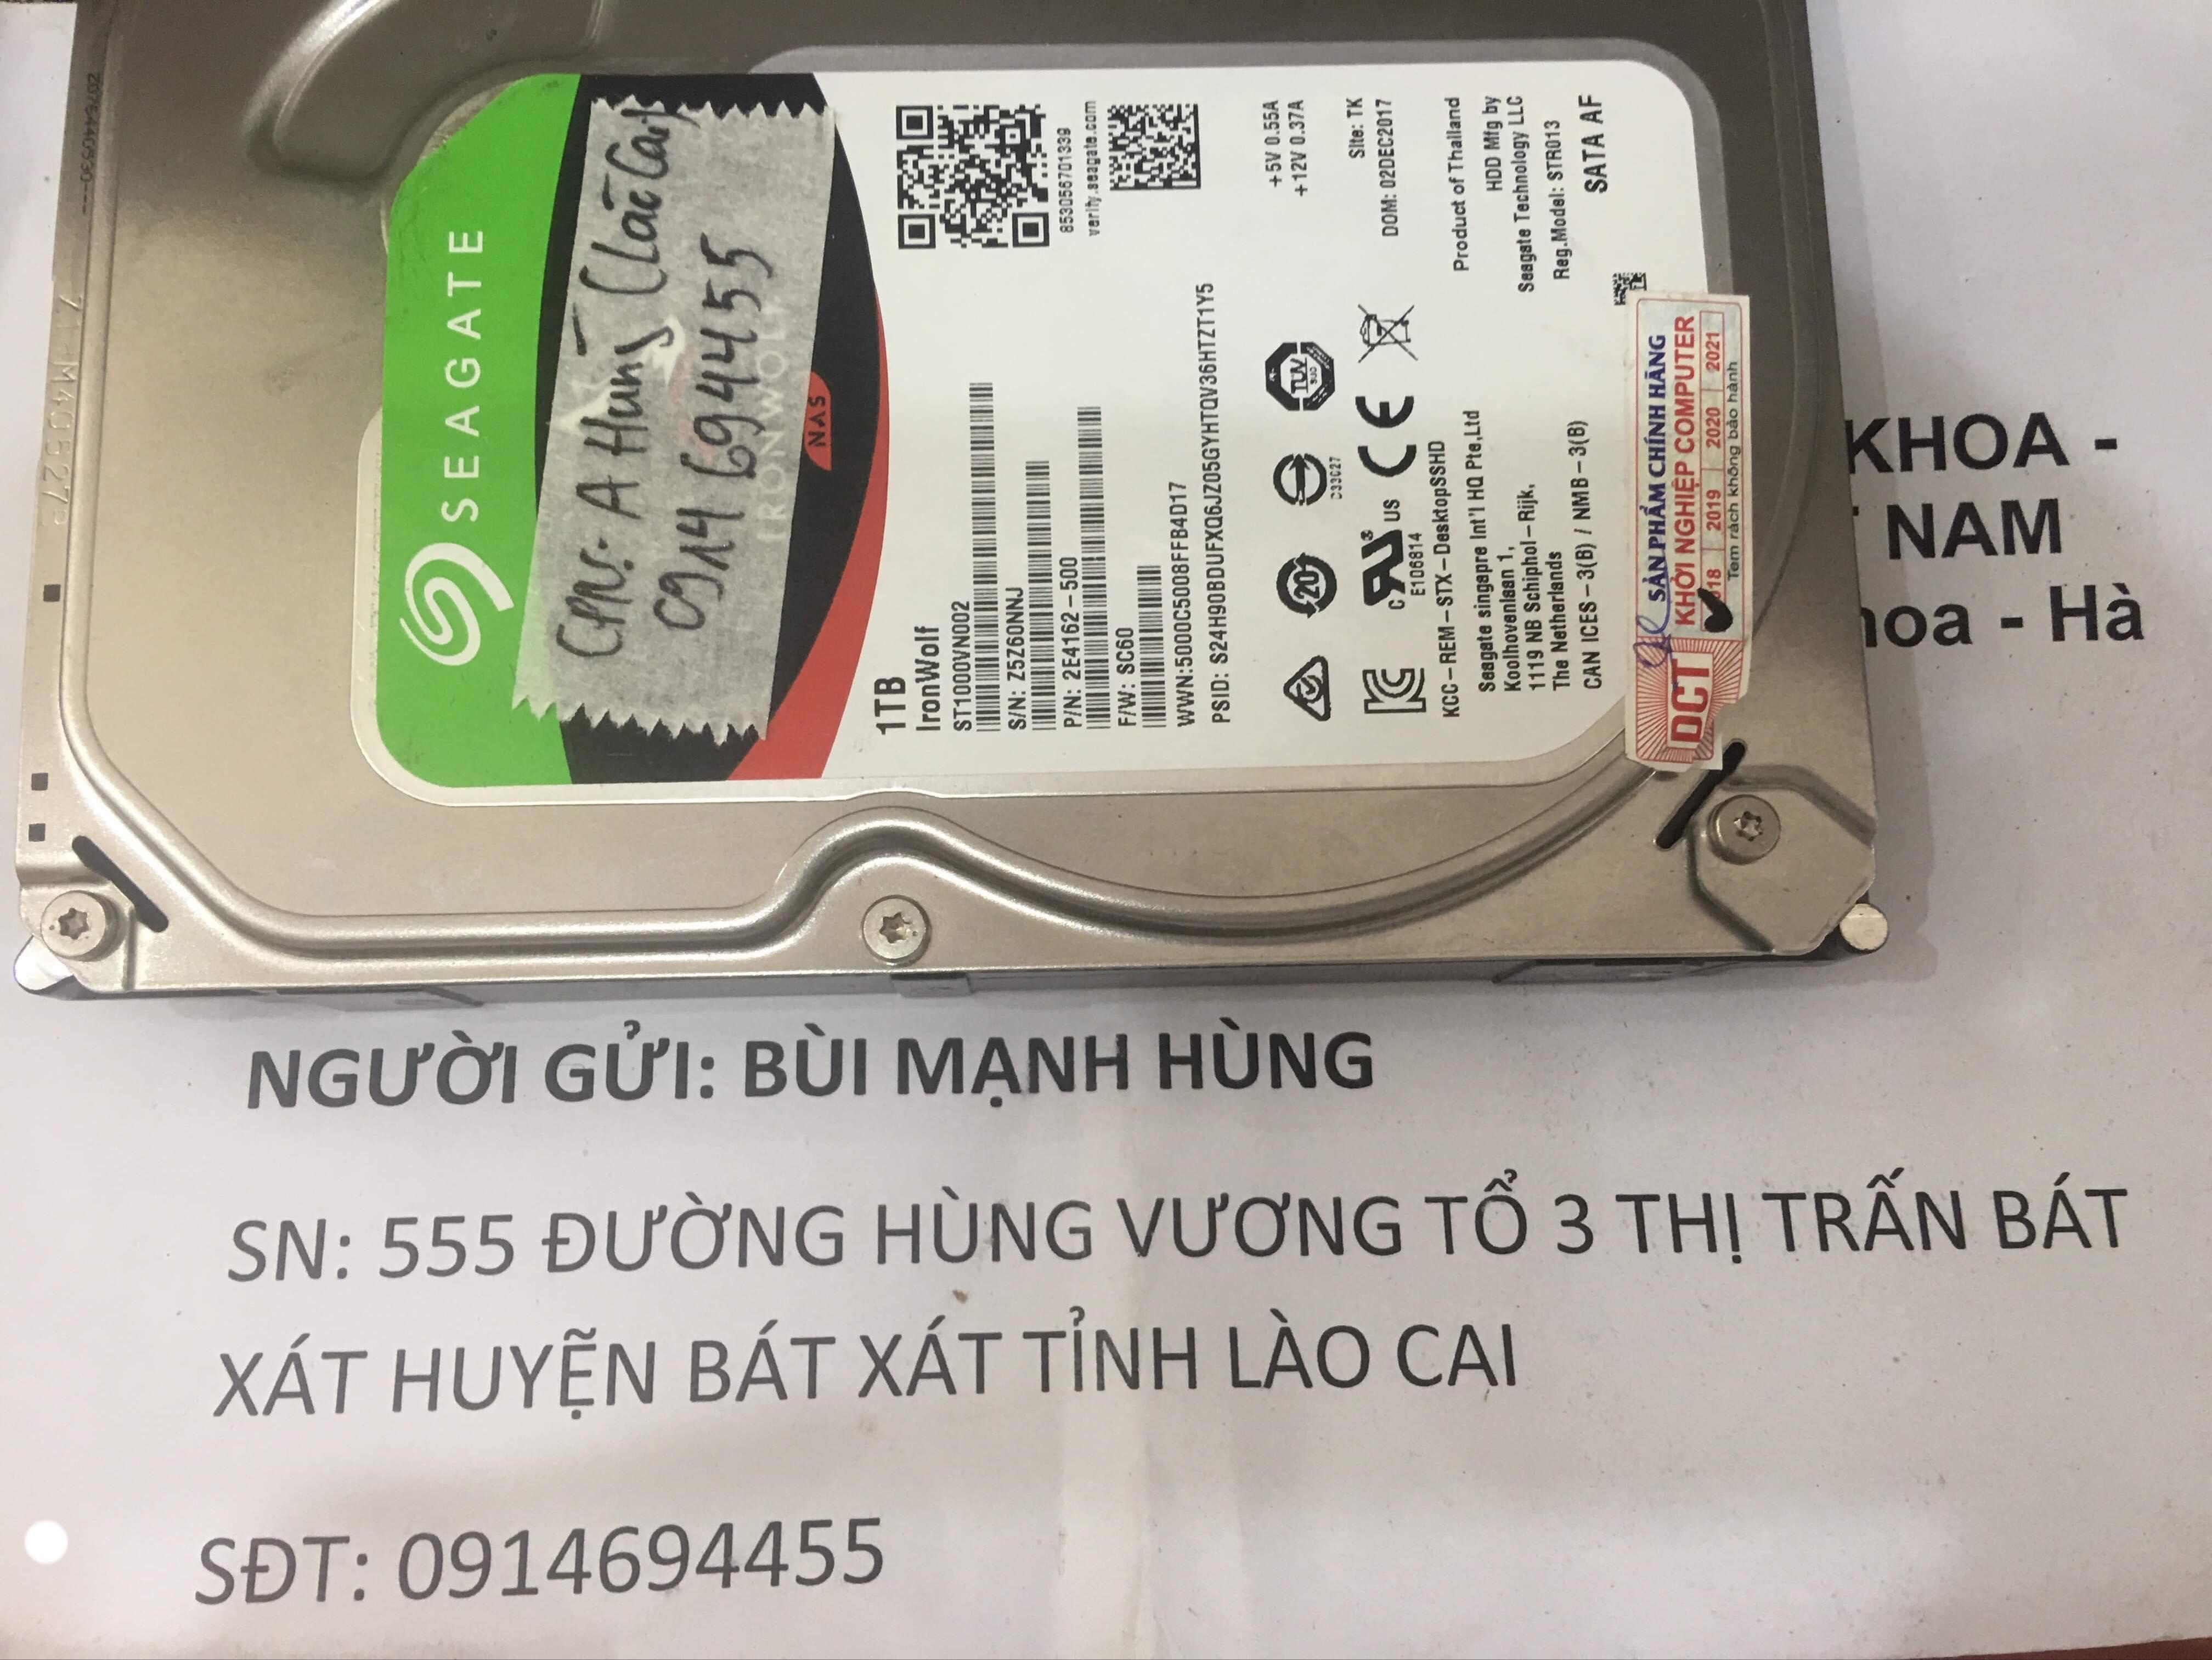 Khôi phục dữ liệu ổ cứng Seagate 1TB lỗi đầu đọc tại Lào Cai 08/10/2019 - cuumaytinh